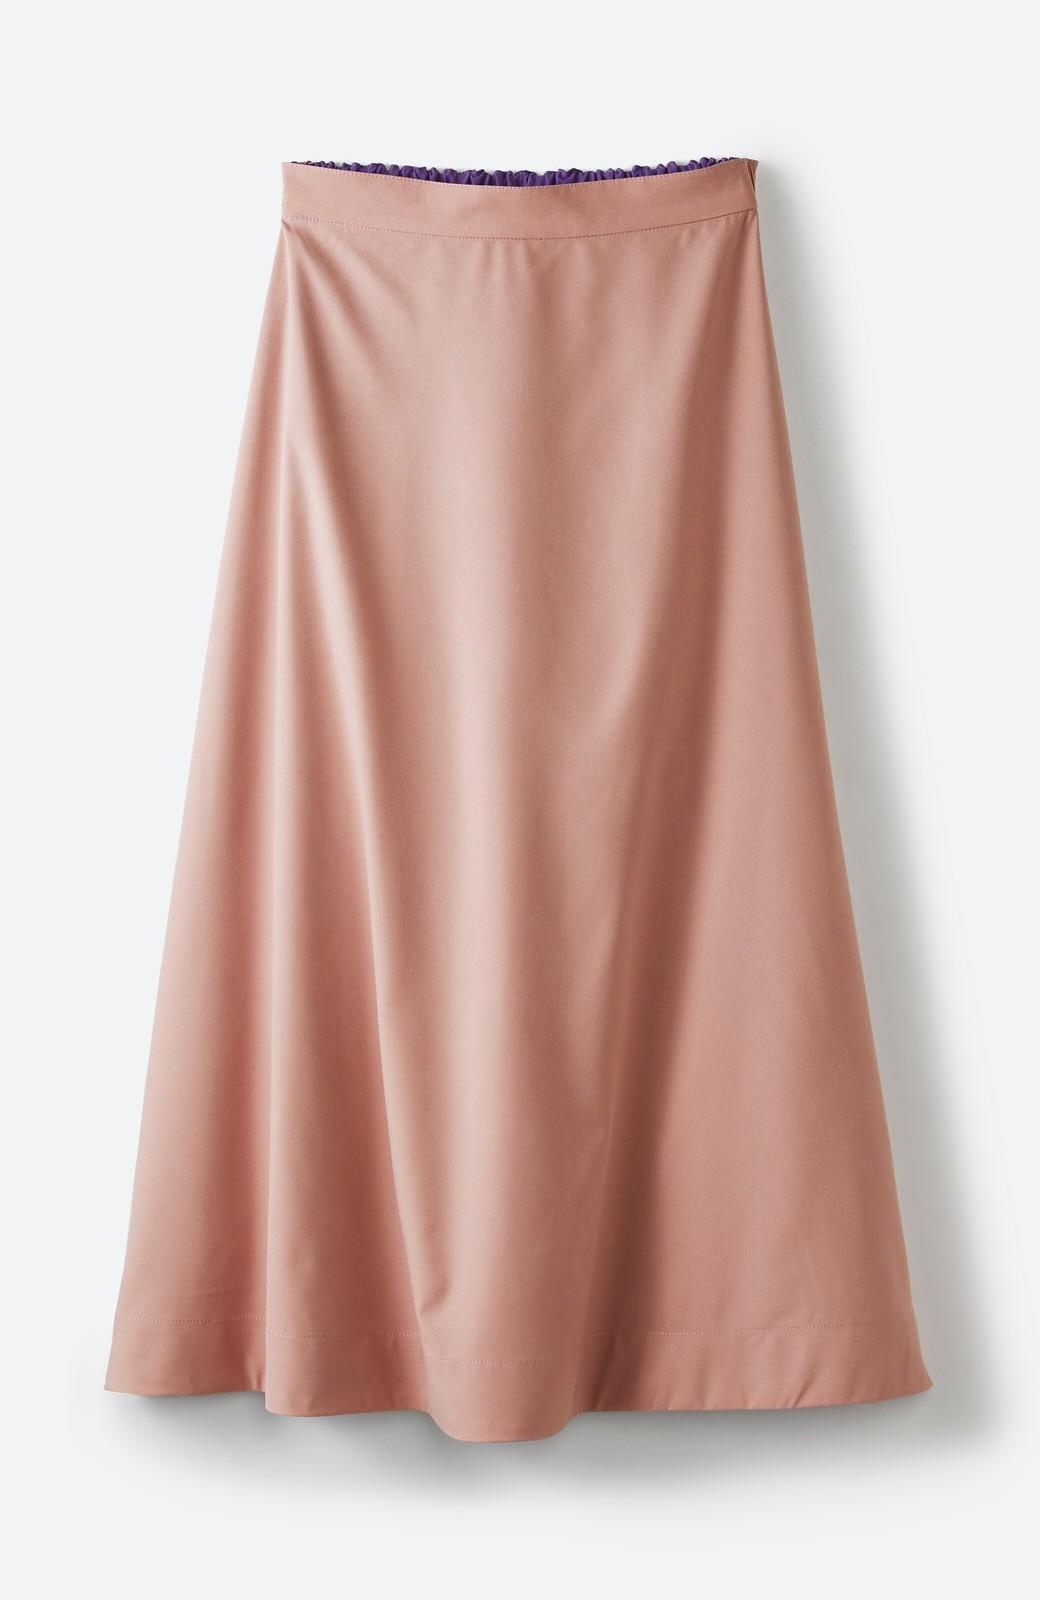 haco! オフィスにもデートにも! 便利なのはきれいに見えて楽ちんなリバーシブルスカート <ピンク系その他>の商品写真4